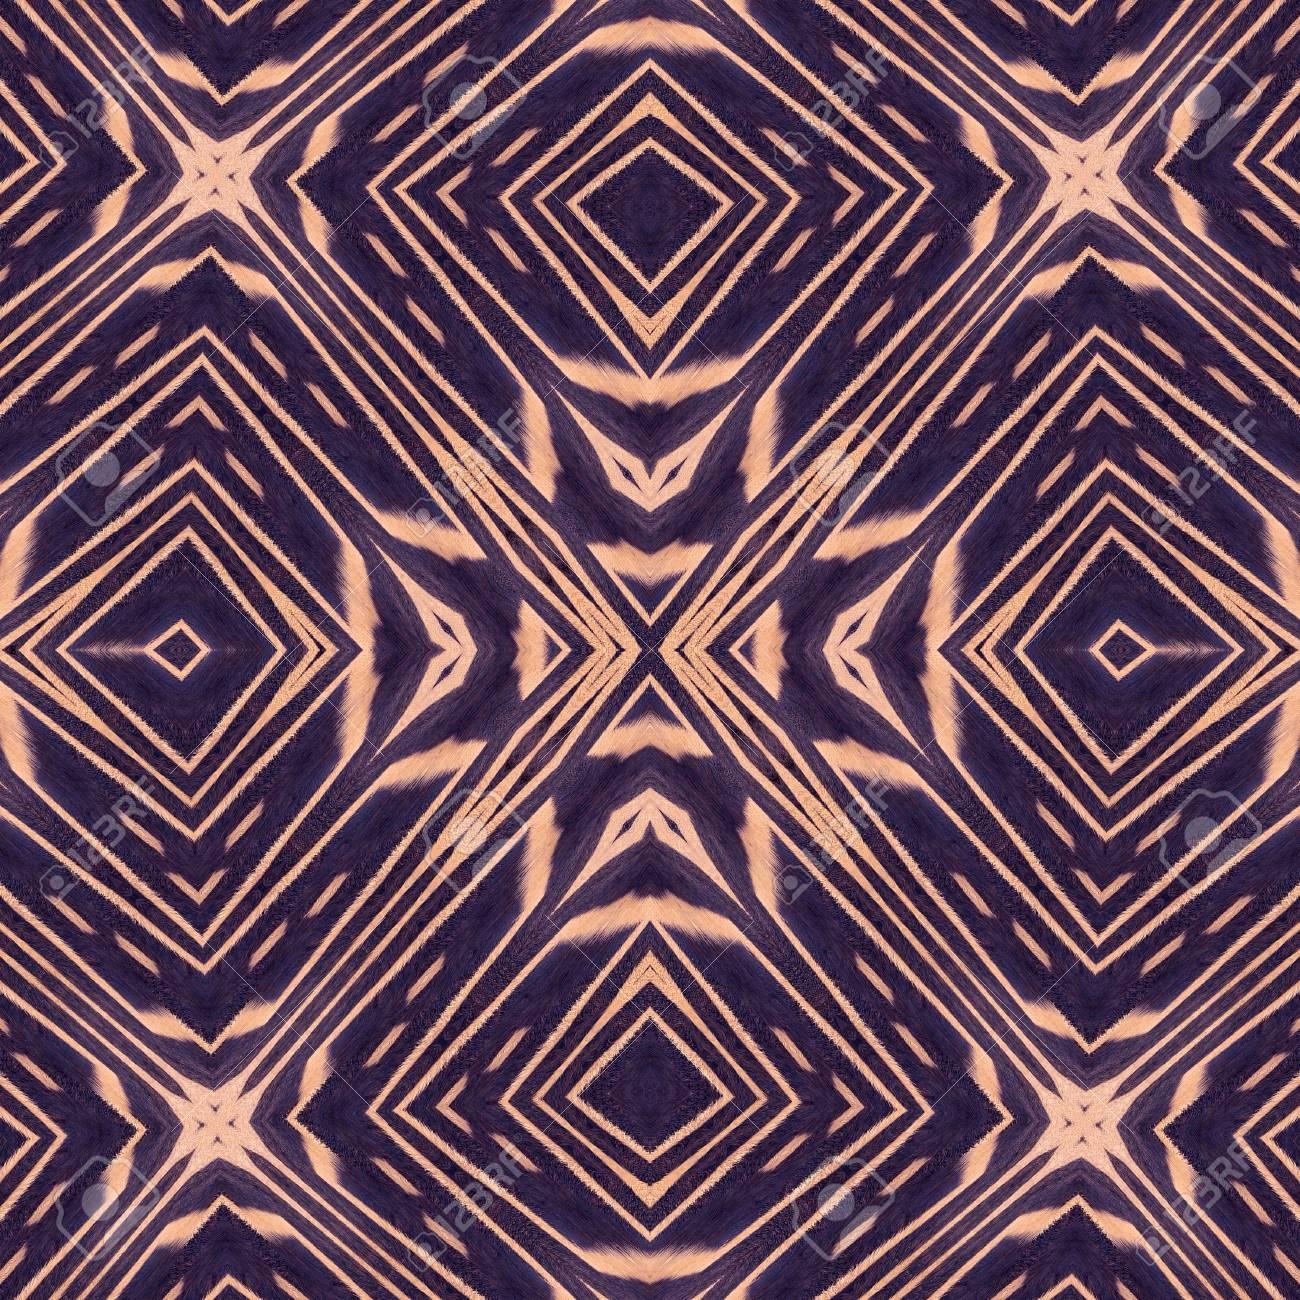 Abstract Oriental Carreaux De Papier Peint Sans Soudure Motif De